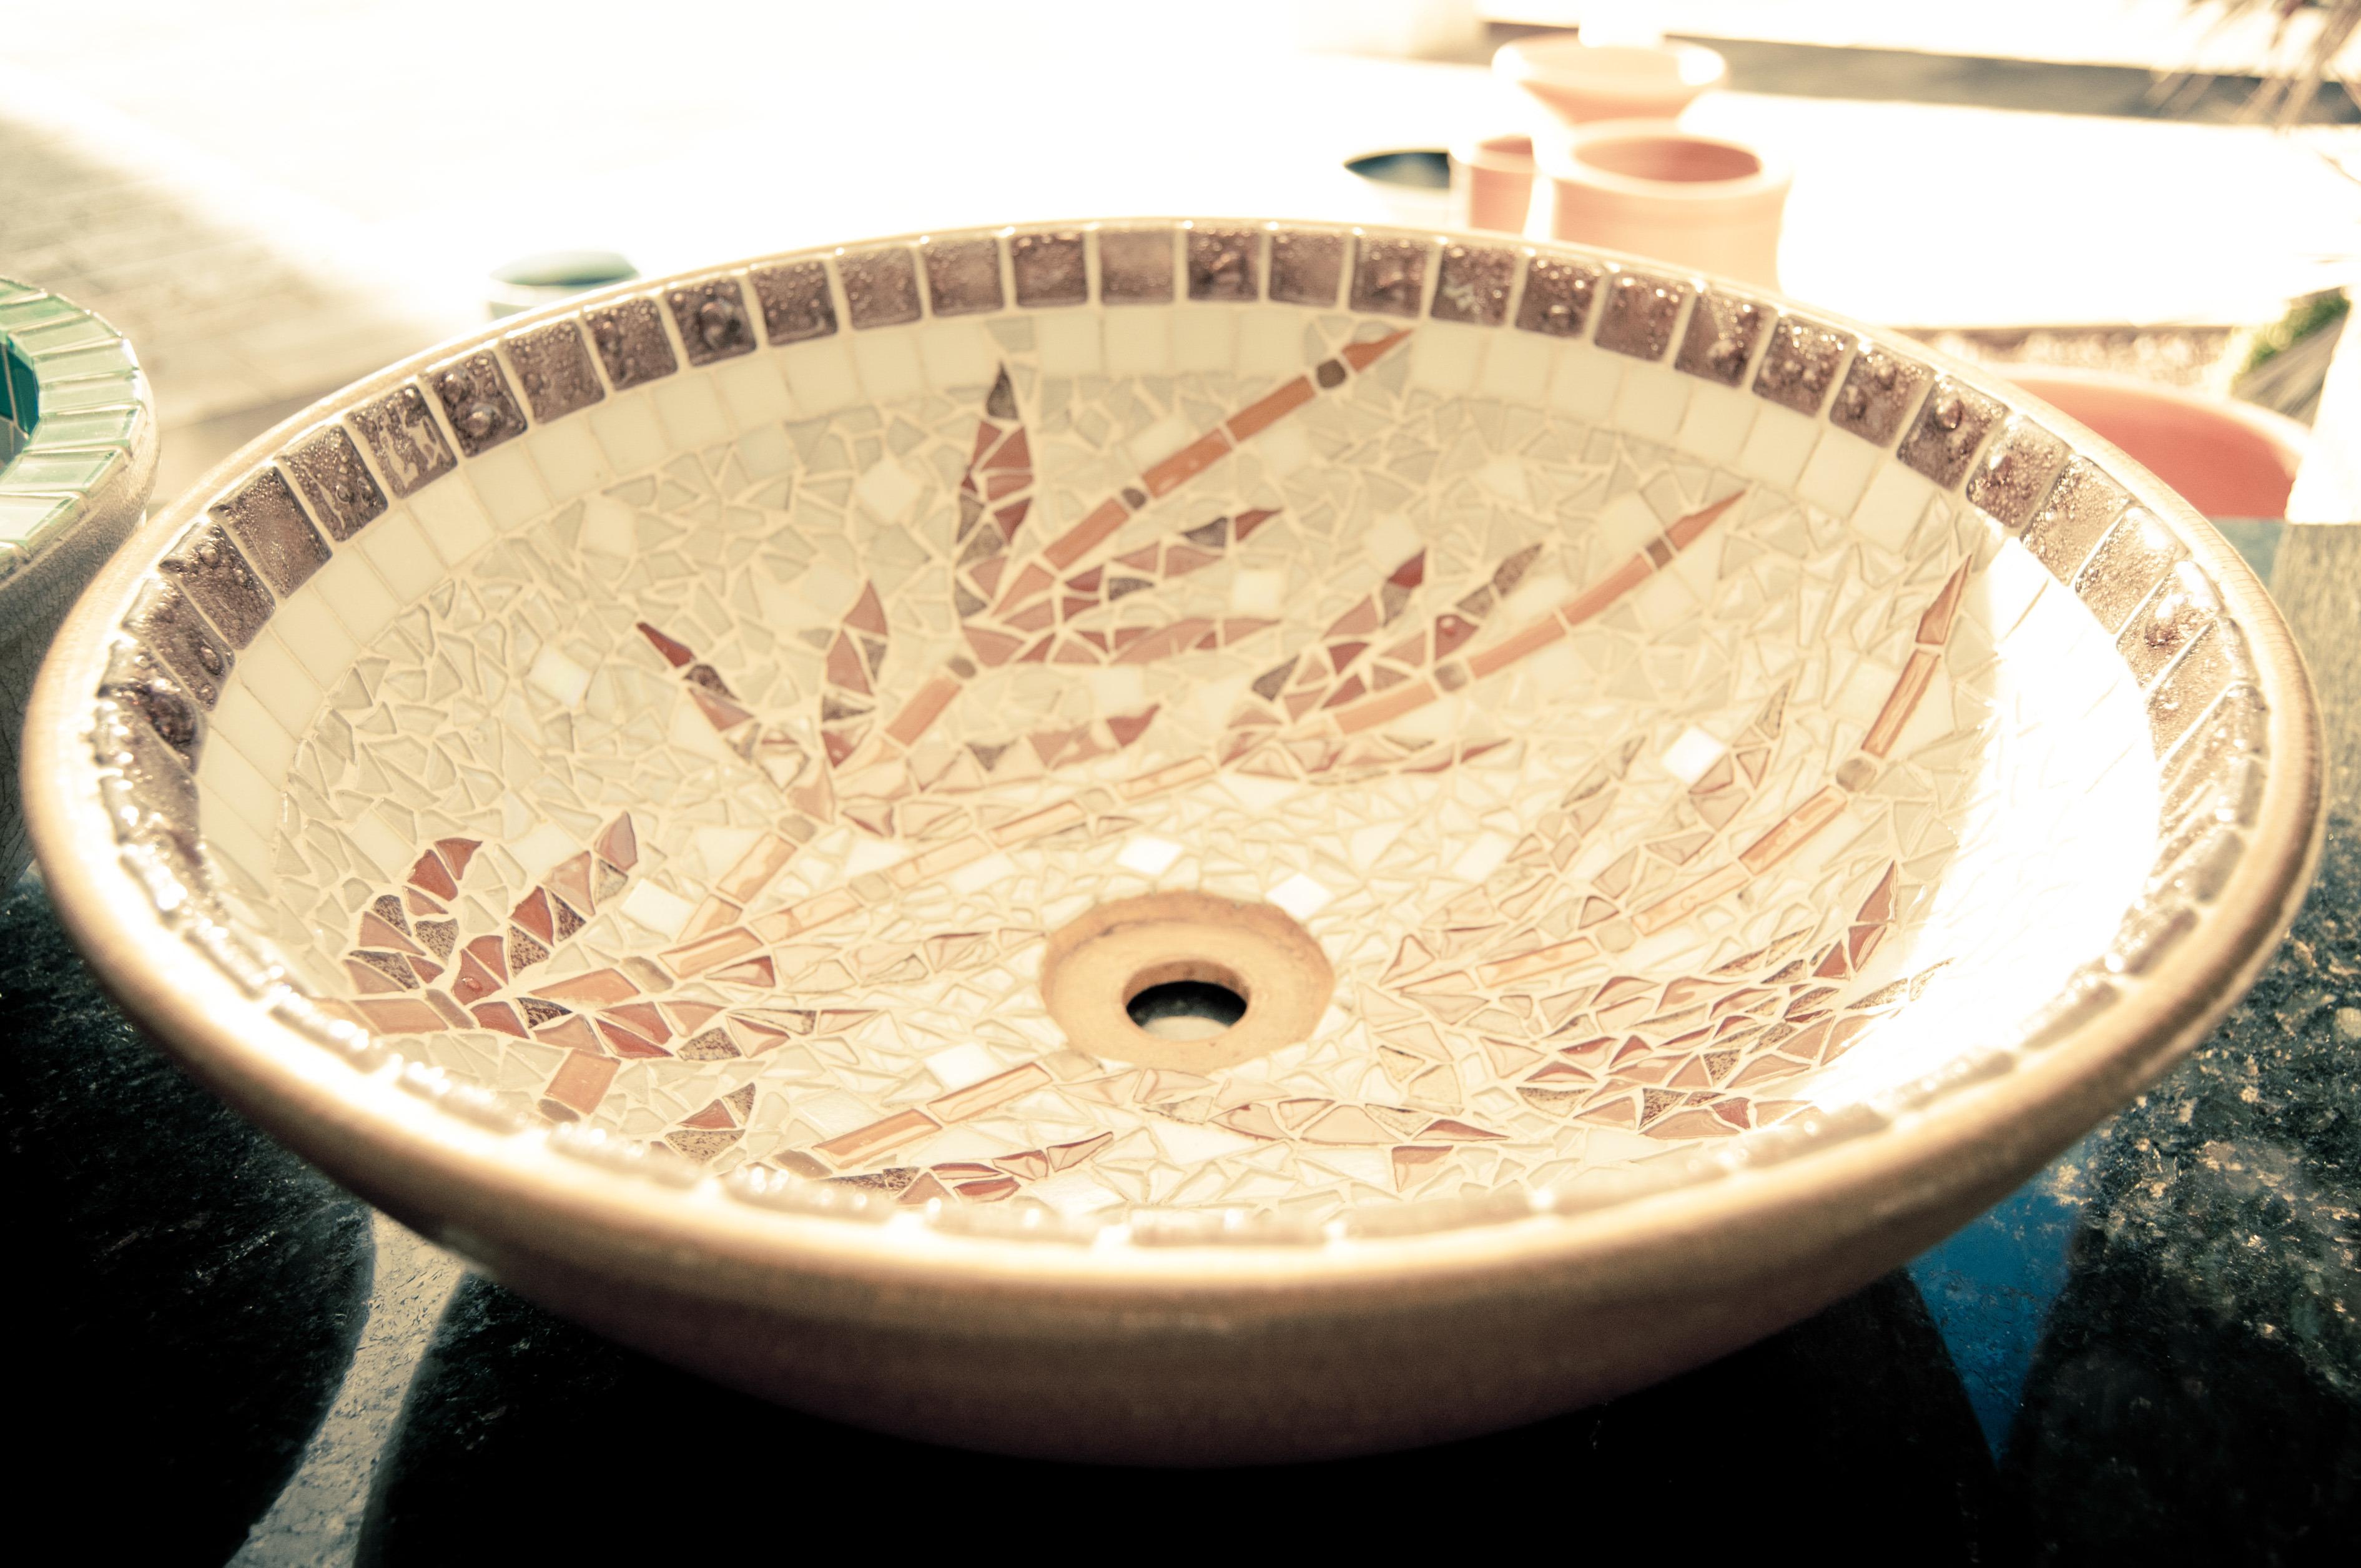 Cuba Lavabo 24cm P Pia Do Banheiro Em Aà §o Inox Tramontina  #B48017 3781x2511 Balança Para Banheiro Tramontina